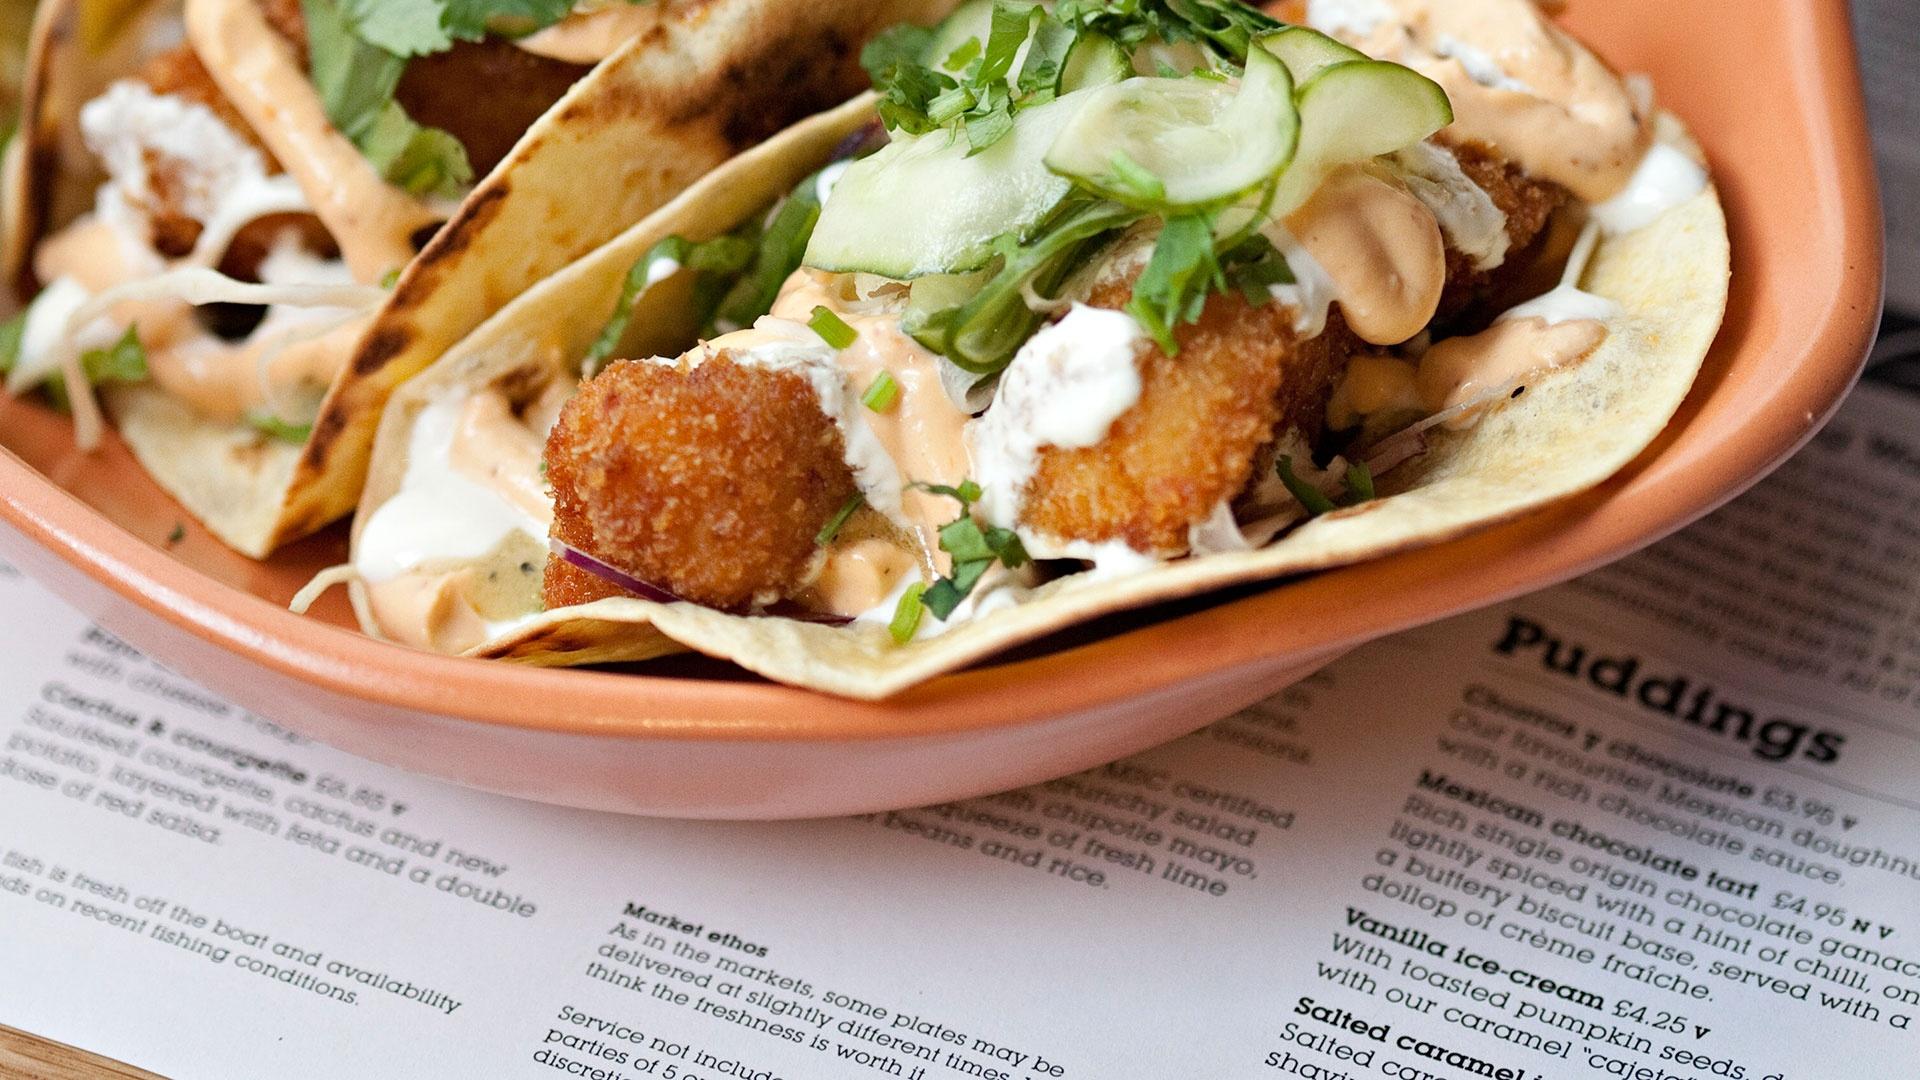 Wahaca's Bajan fish tacos